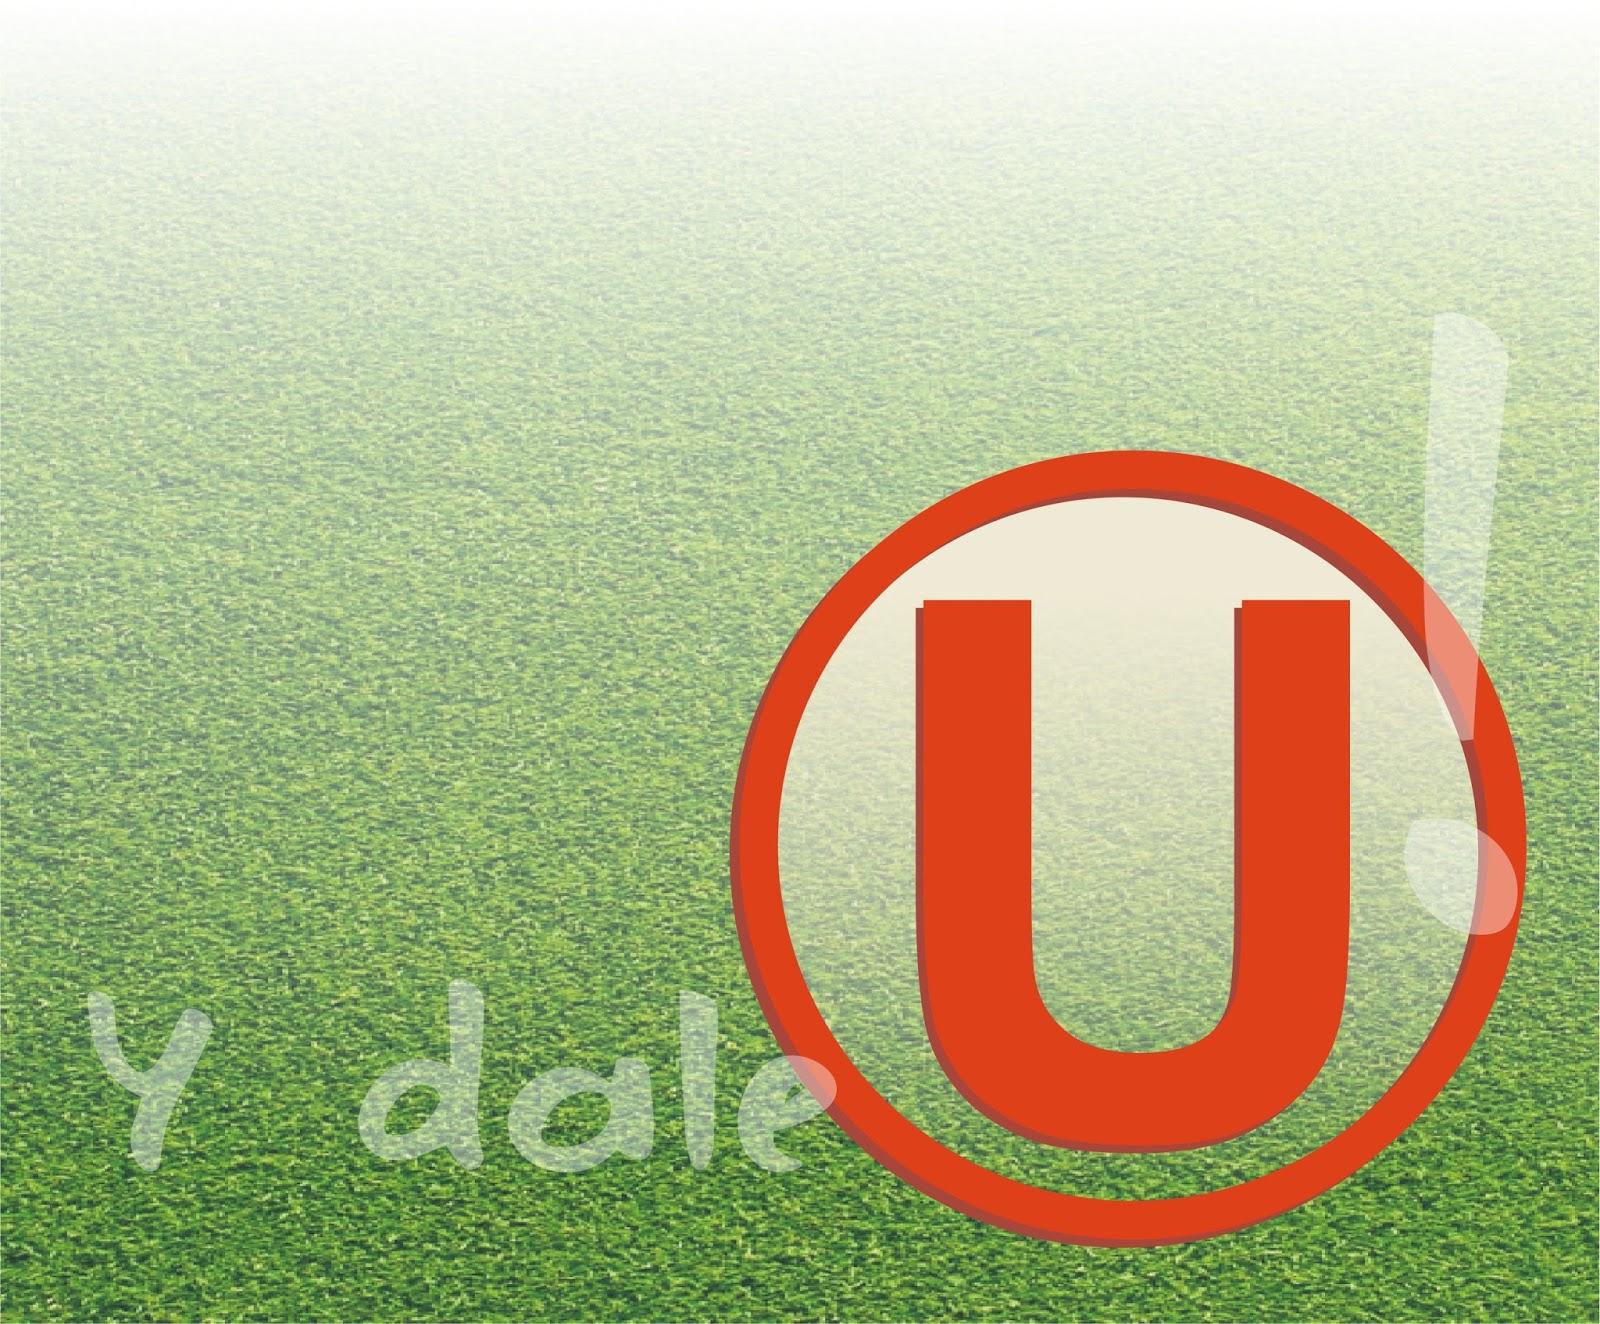 Imágenes Deportes Fondos: FONDOS PARA FOTOS: Club Universitario De Deportes